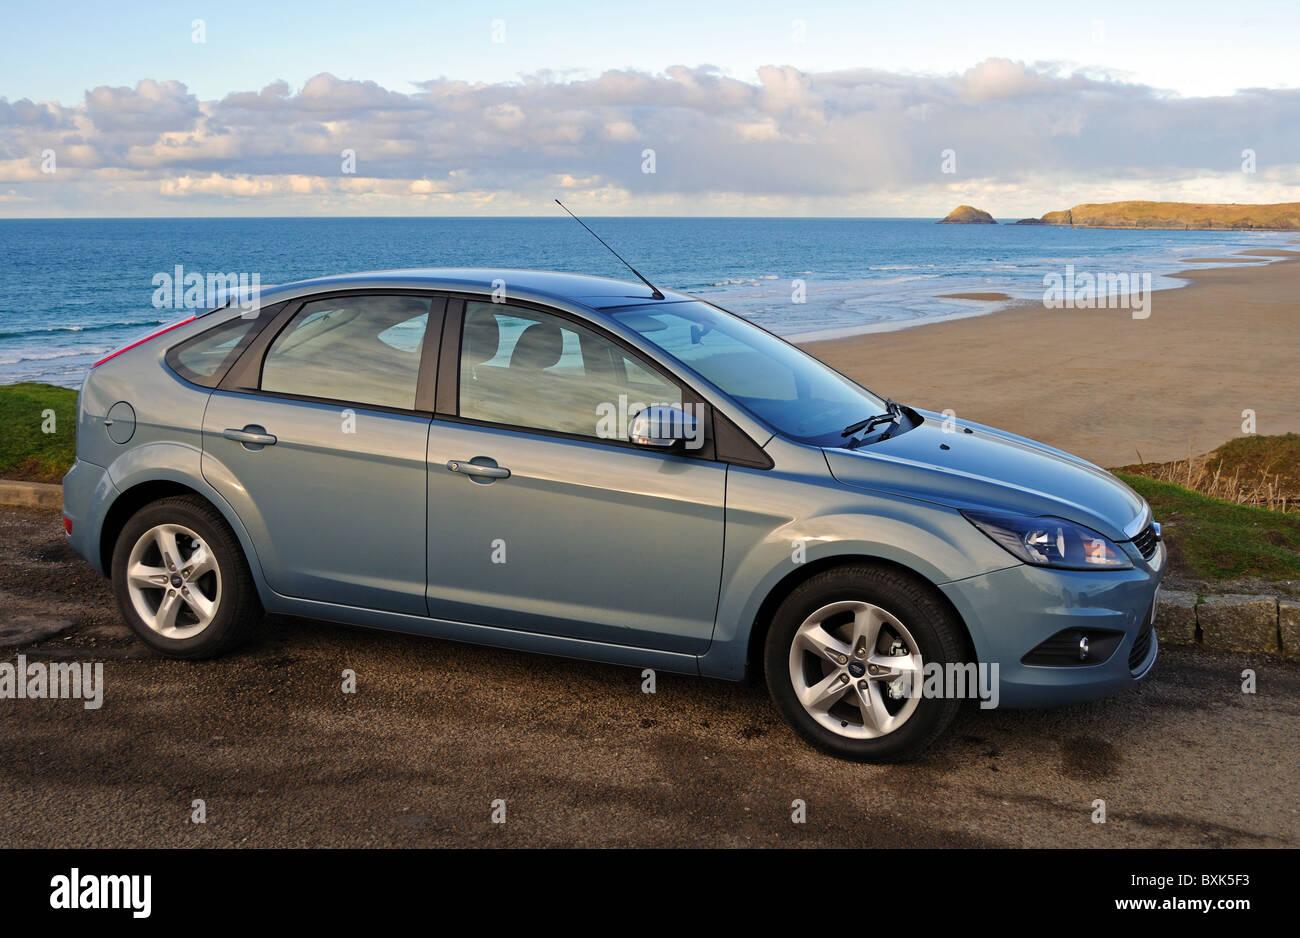 Una Ford Focus Zetec 1.6 L parcheggiato affacciato sulla spiaggia a Perranporth in Cornwall, Regno Unito Immagini Stock